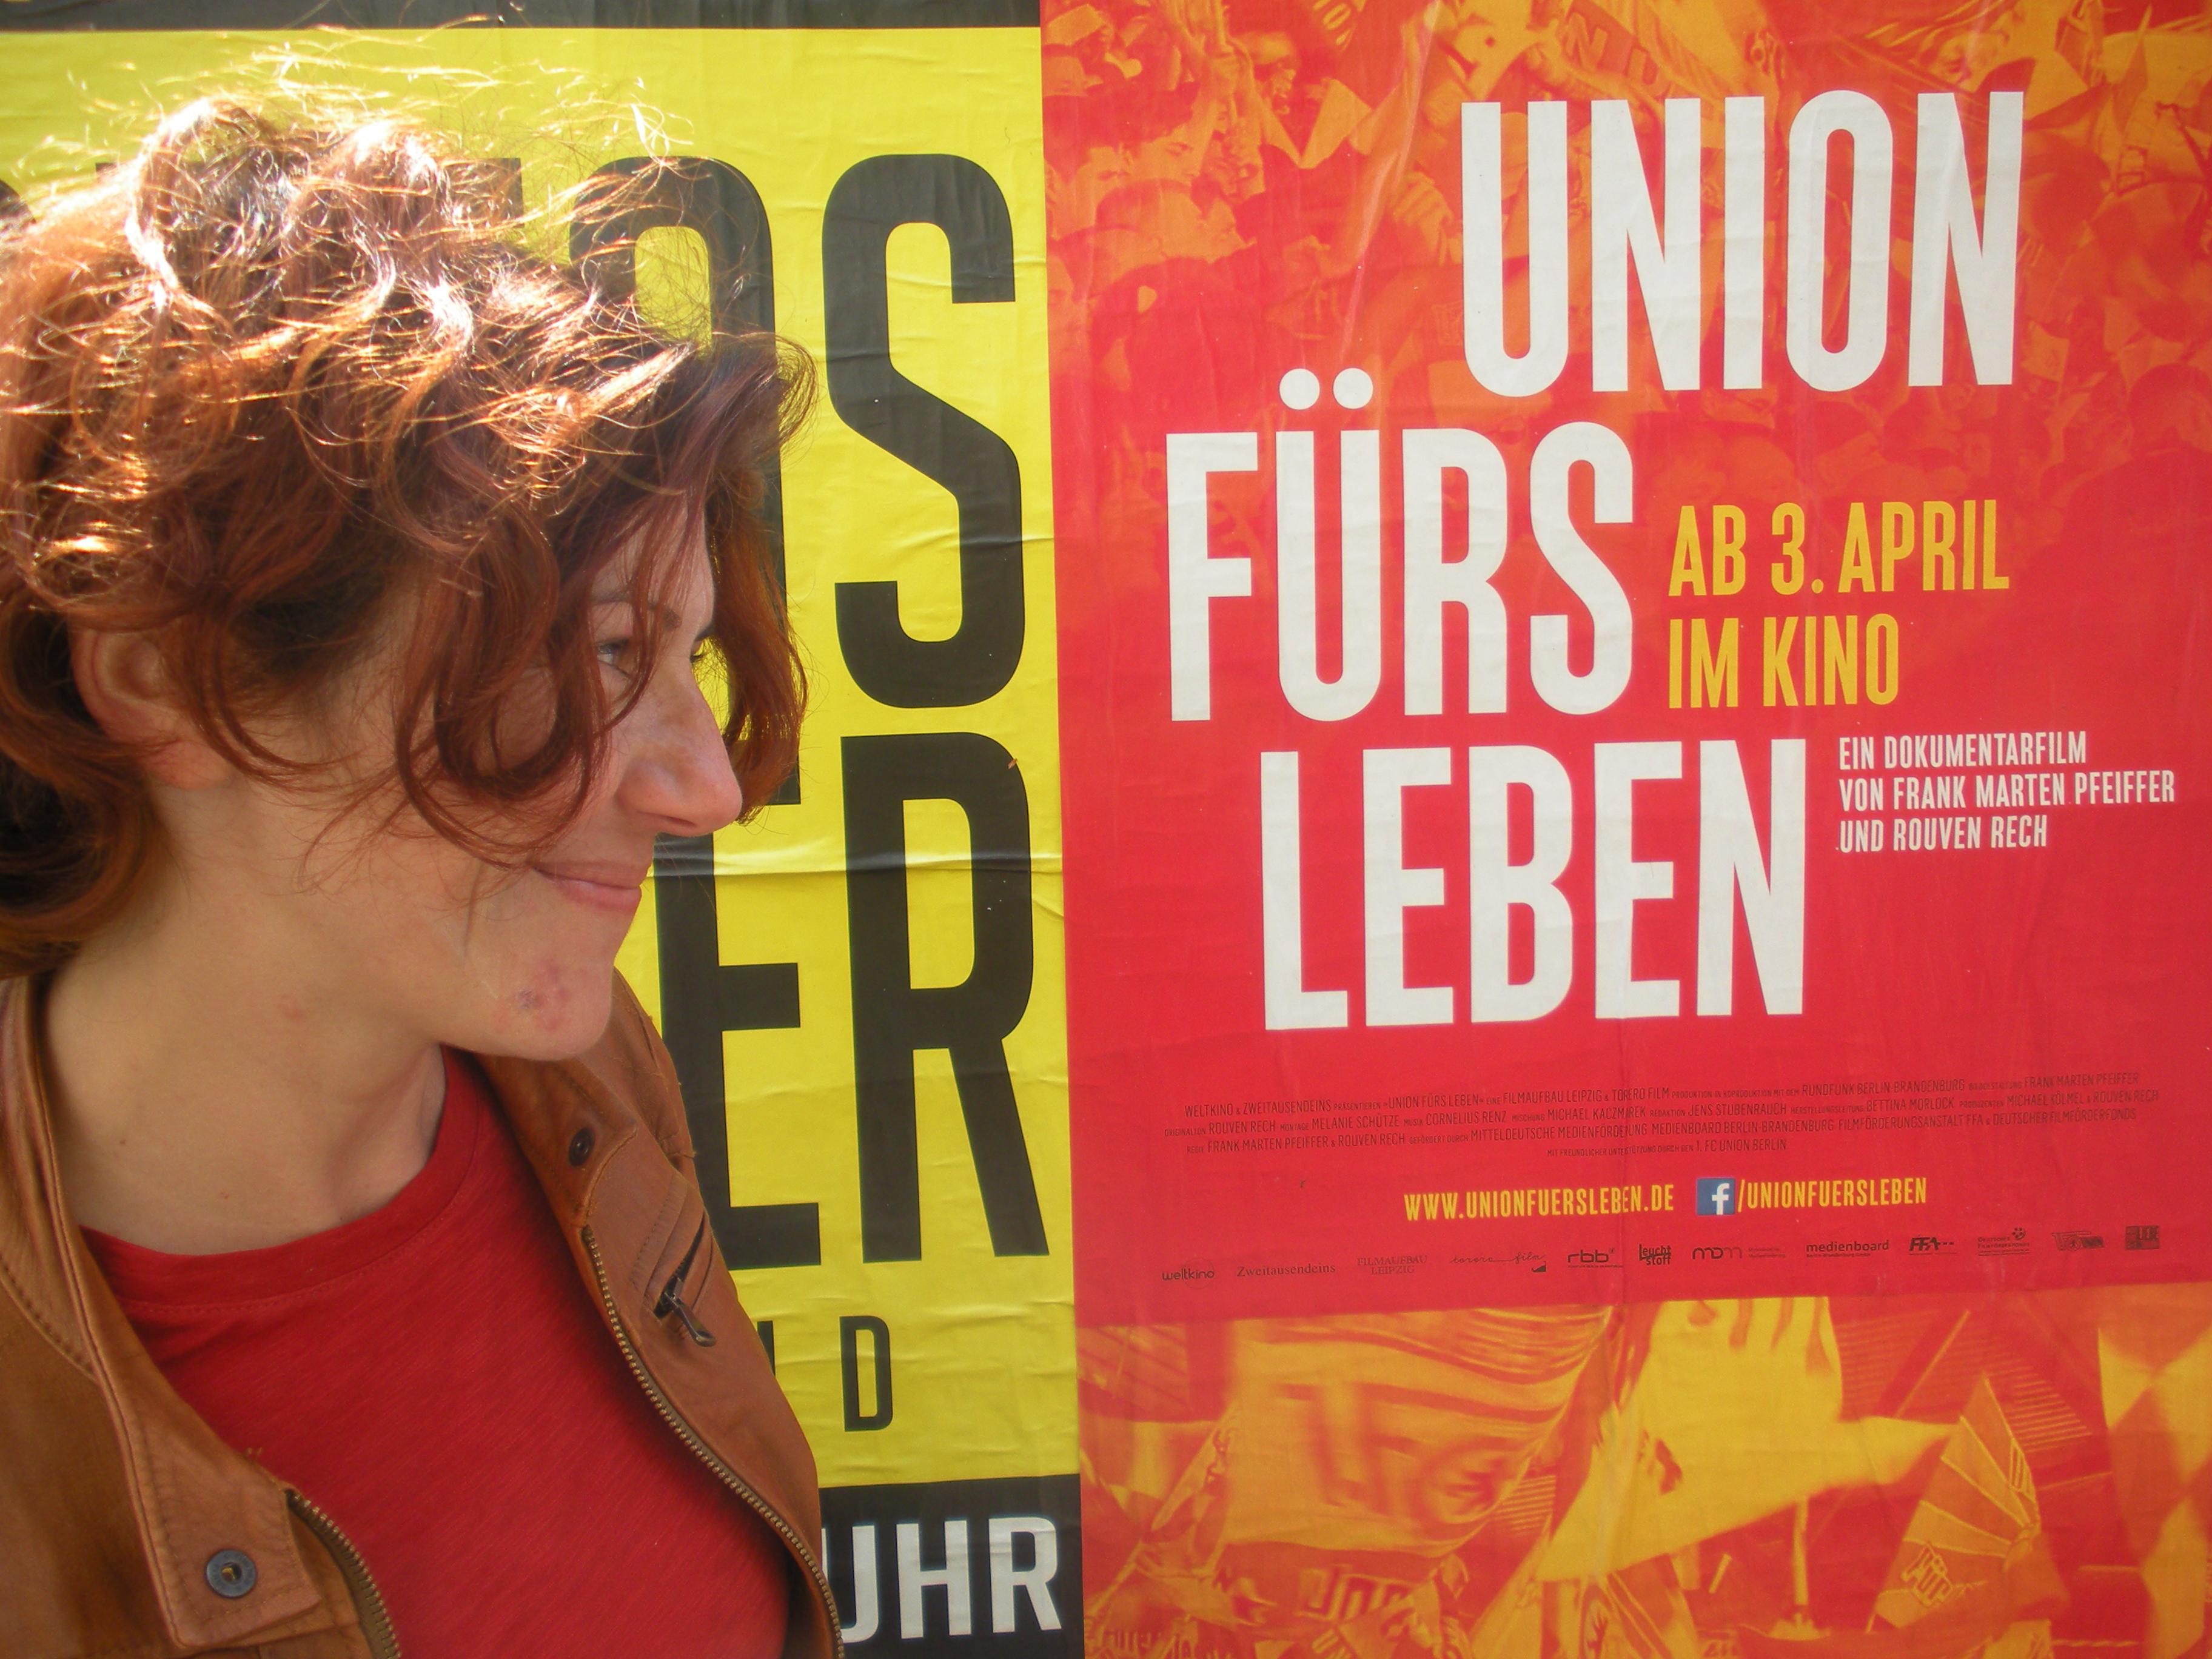 Gli ultrà buoni esistono…ecco la storia dell'Fc Union Berlin e dei suoi tifosi (su Vanity Fair in edicola!)